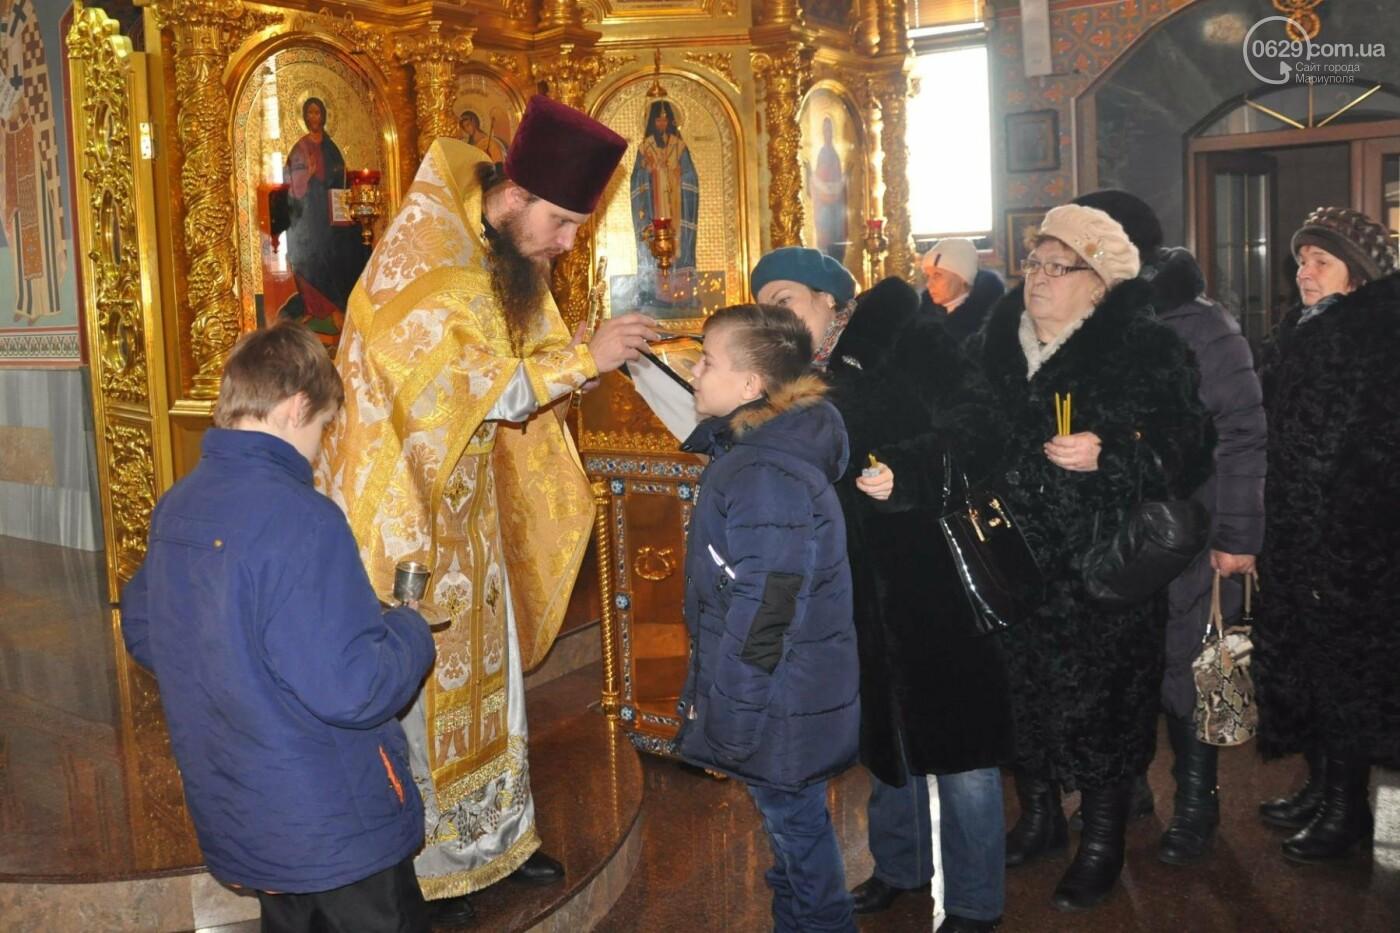 В селе Боевое испекли 17000 блинов и установили новый рекорд Украины, фото-5